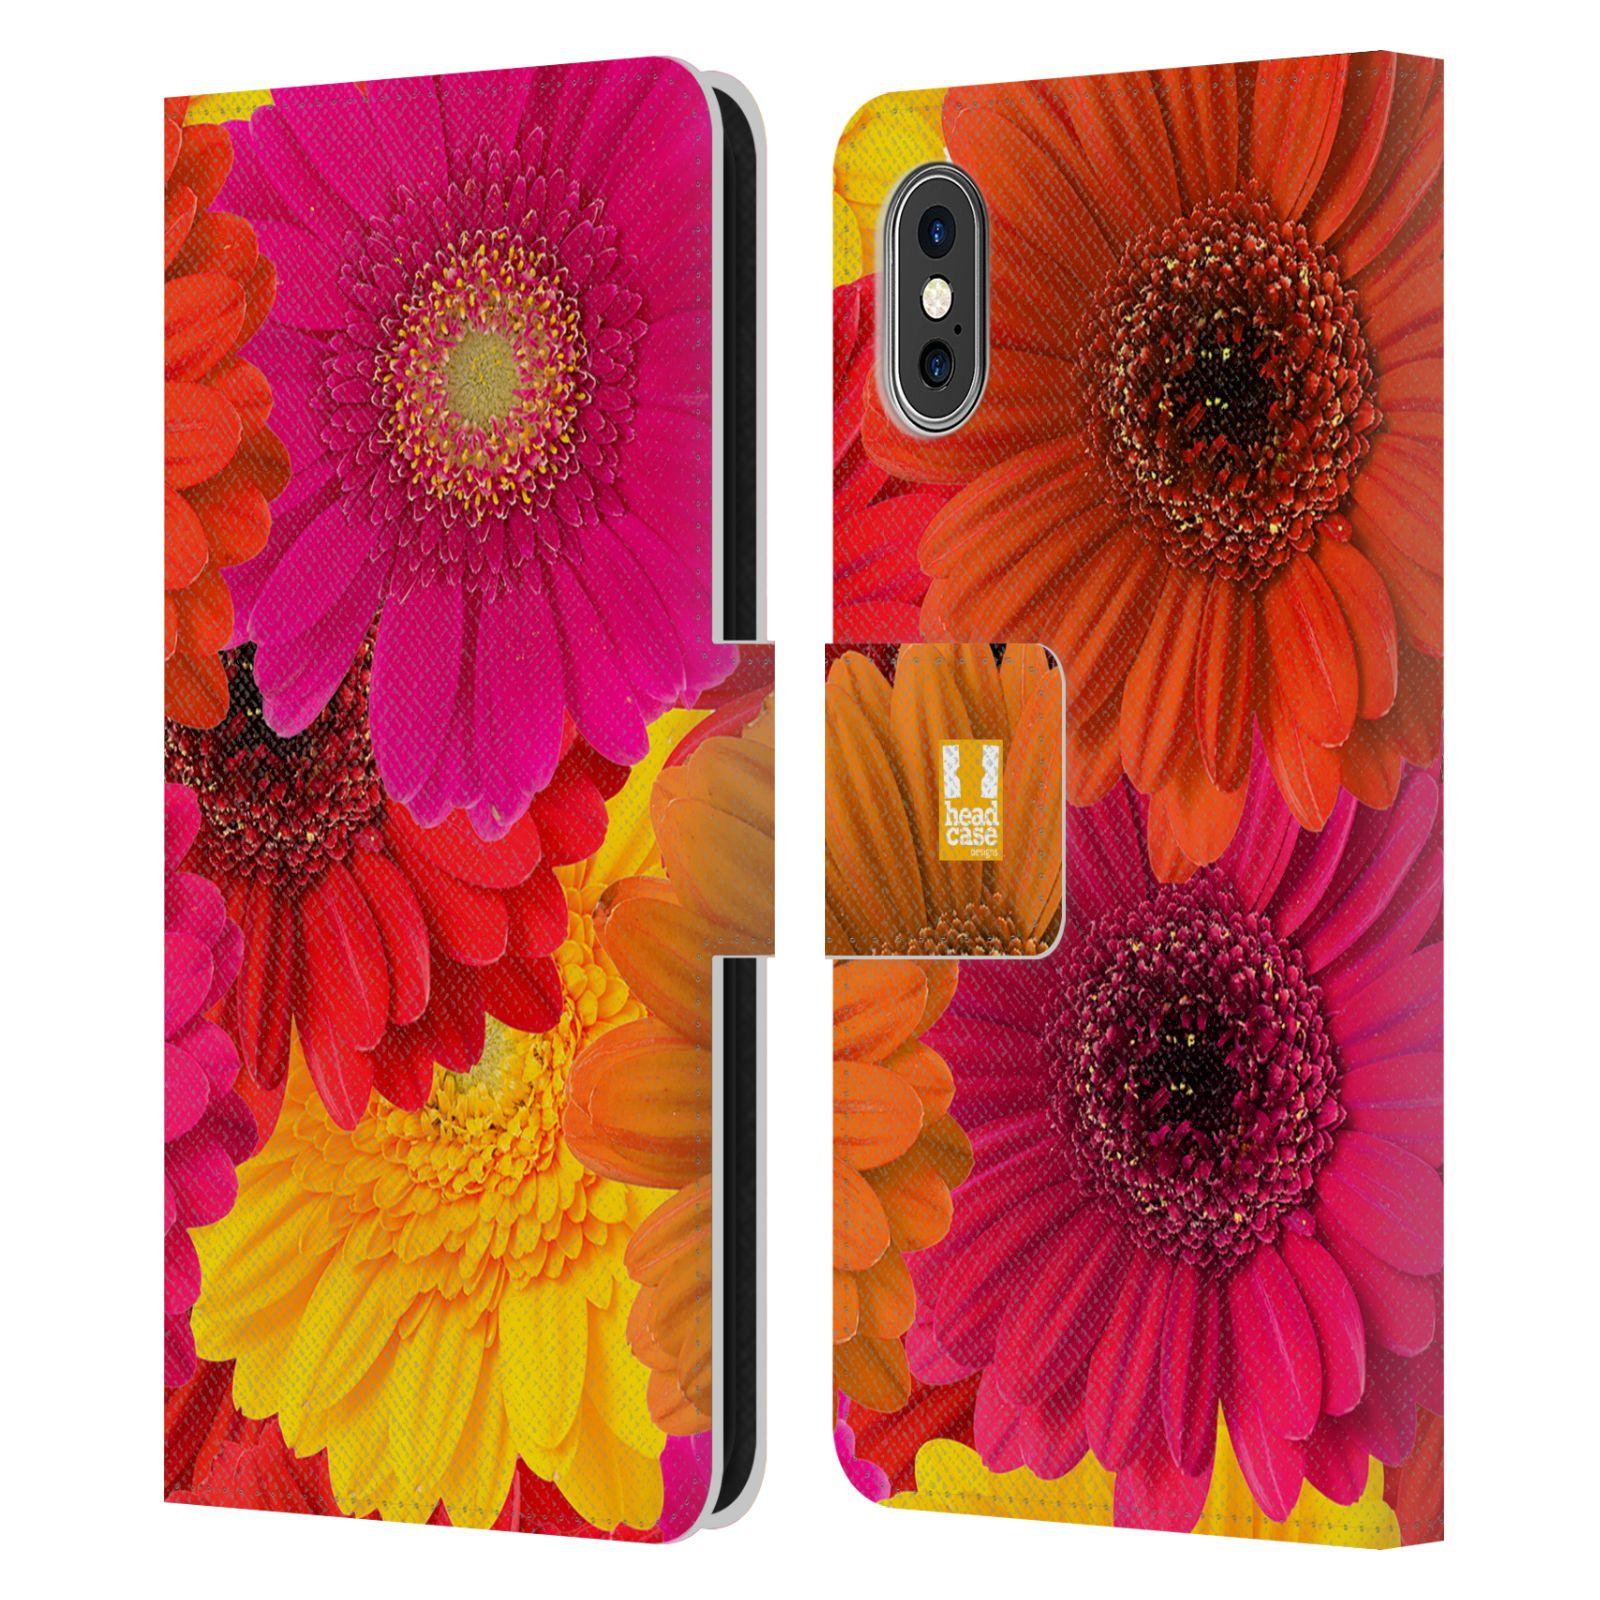 HEAD CASE Flipové pouzdro pro mobil Apple Iphone X / XS květy foto fialová, oranžová GERBERA